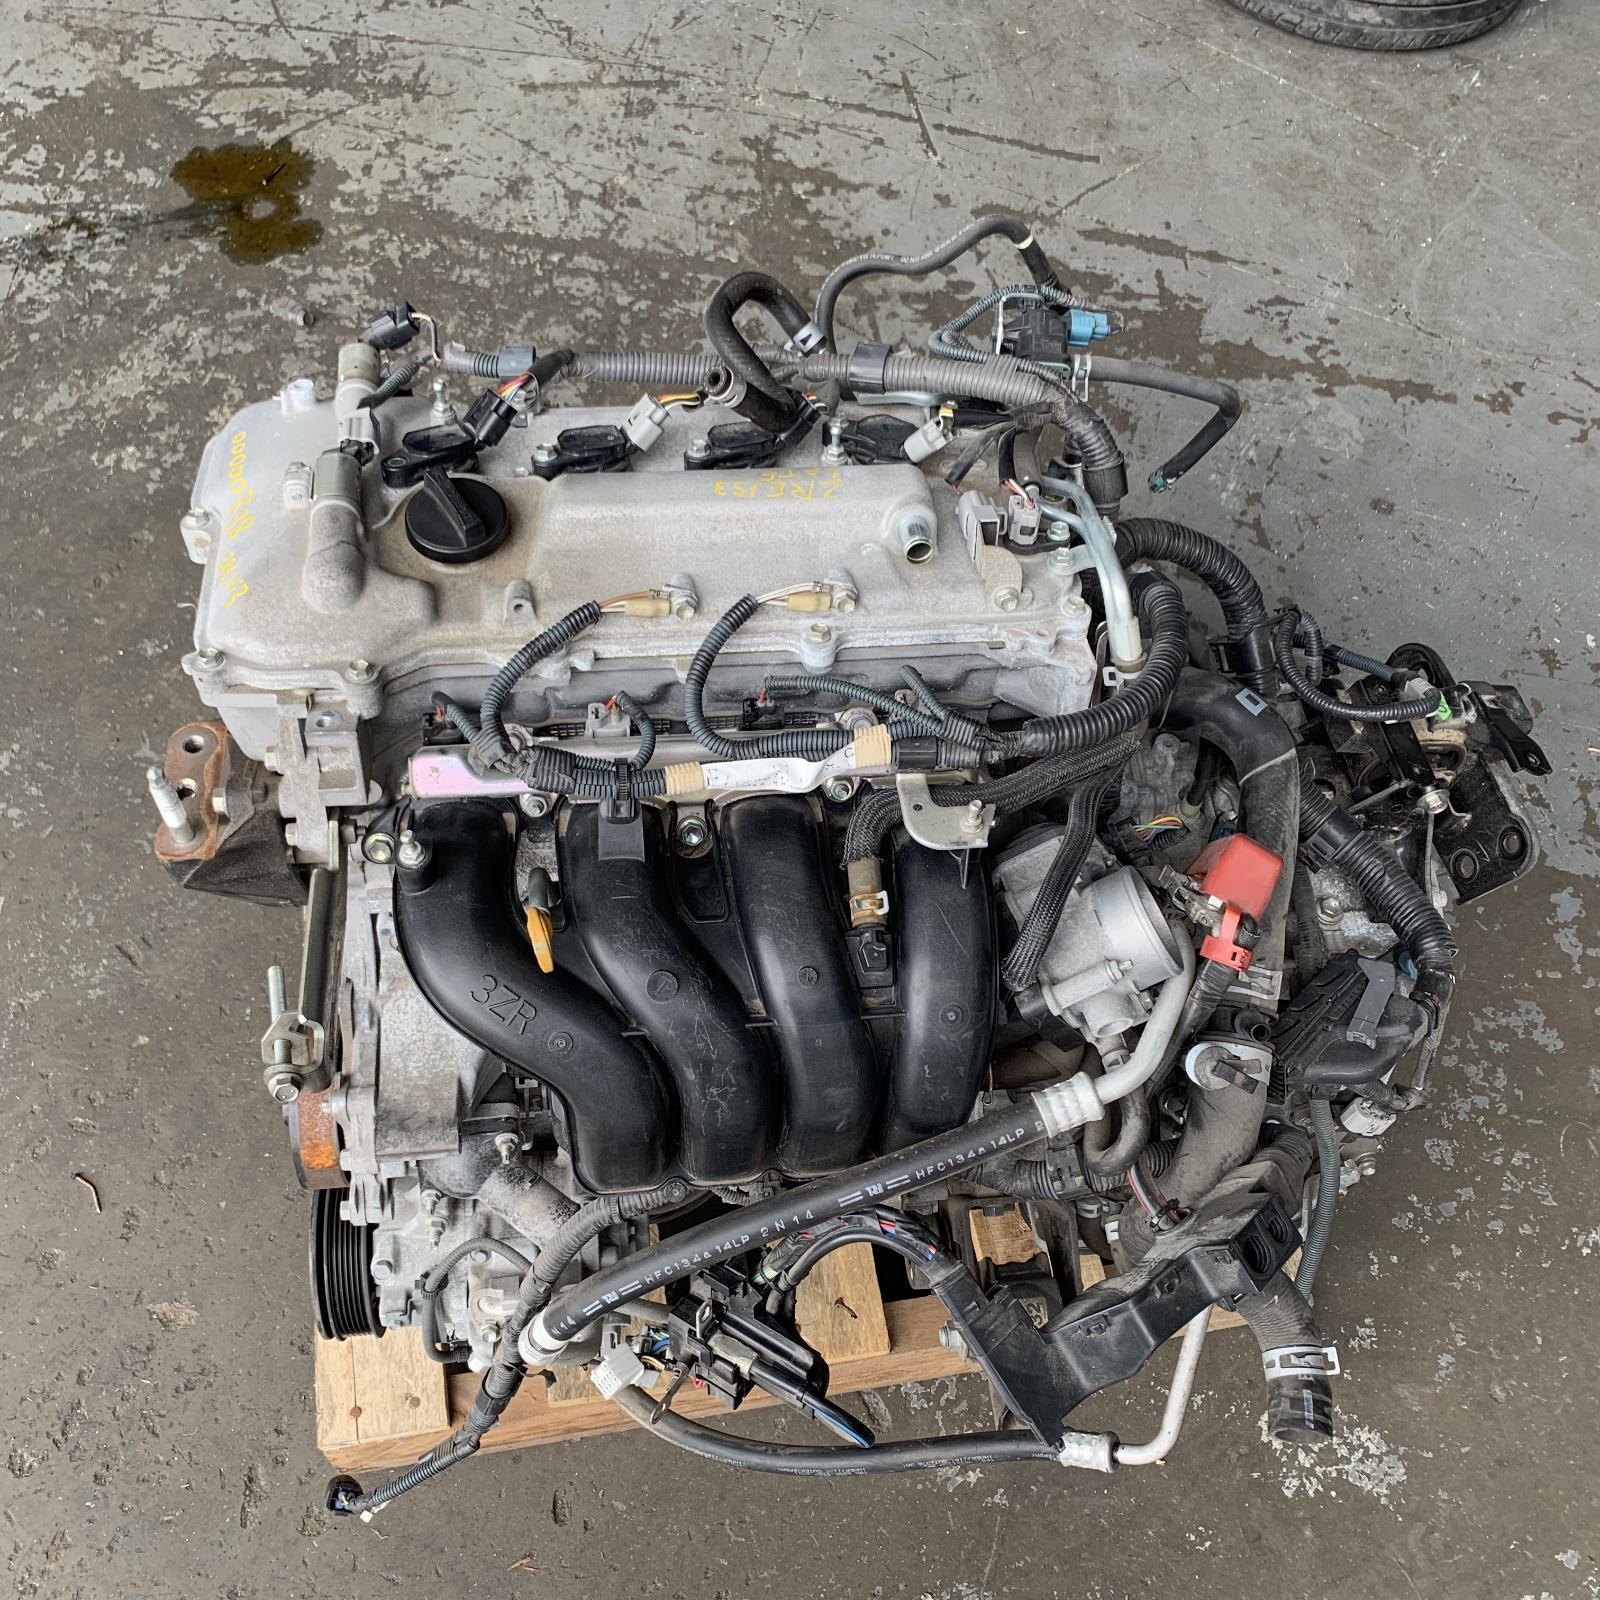 TOYOTA COROLLA, Engine, PETROL, 2.0, 3ZR-FE, ZRE152/153R, 06/10-09/12